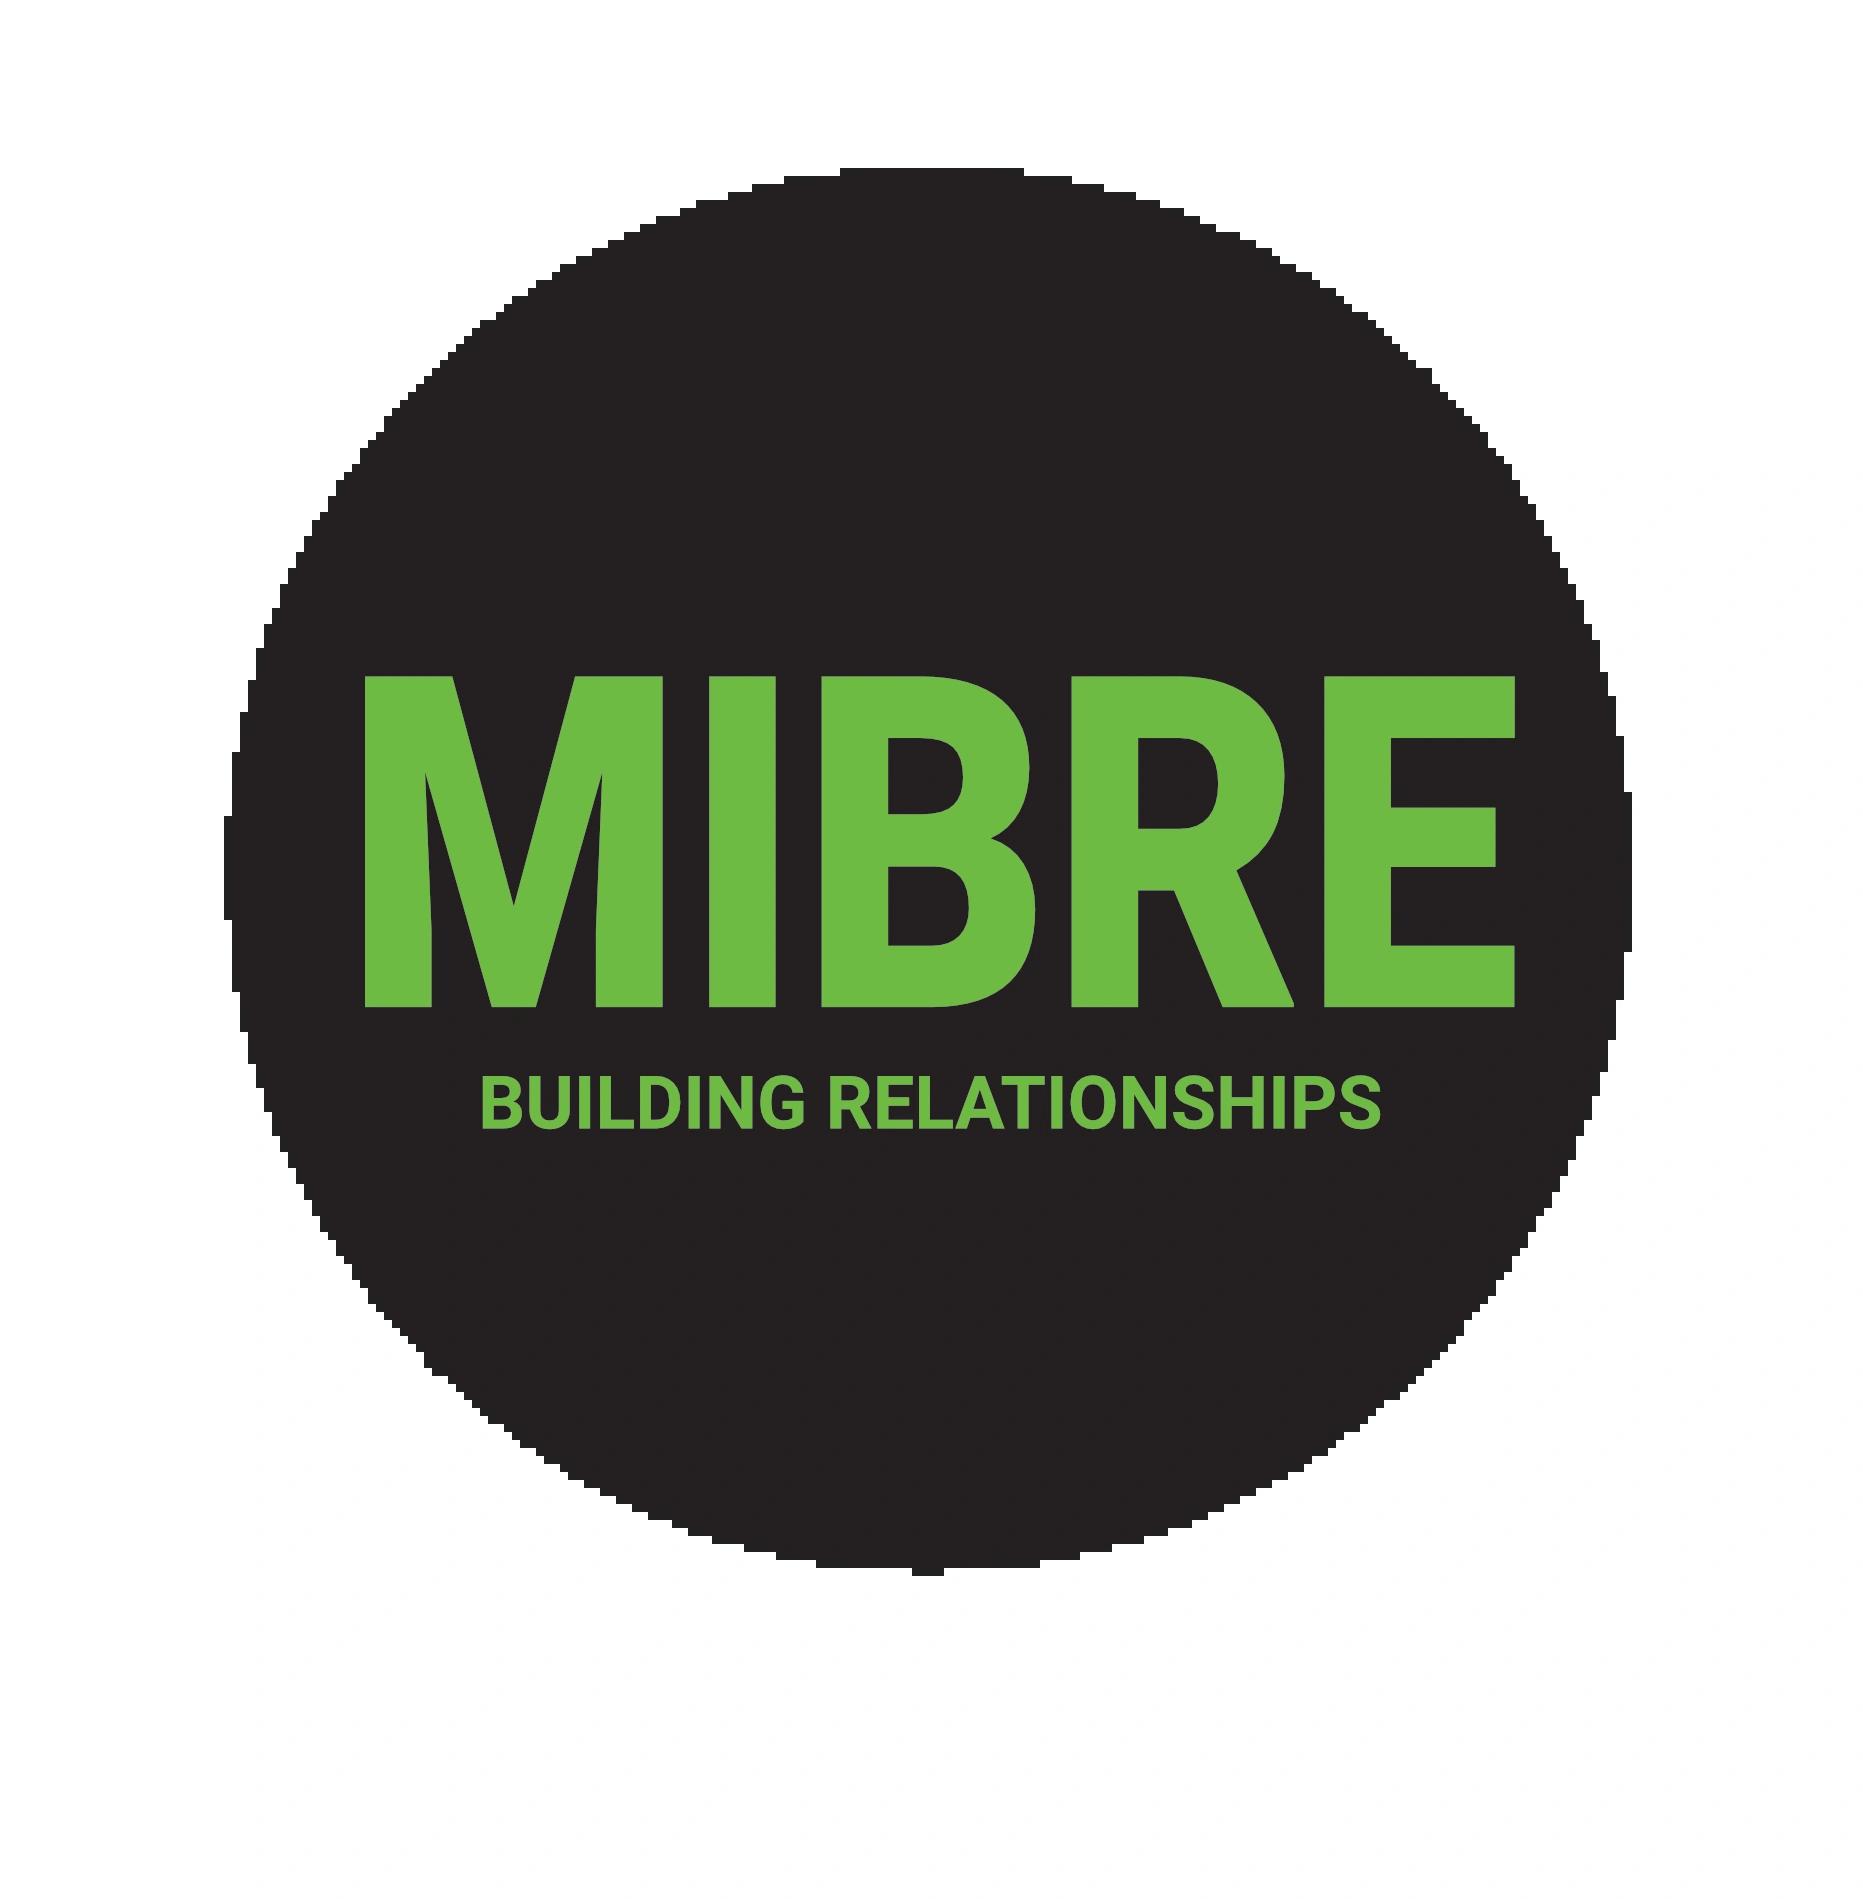 Mibre logo